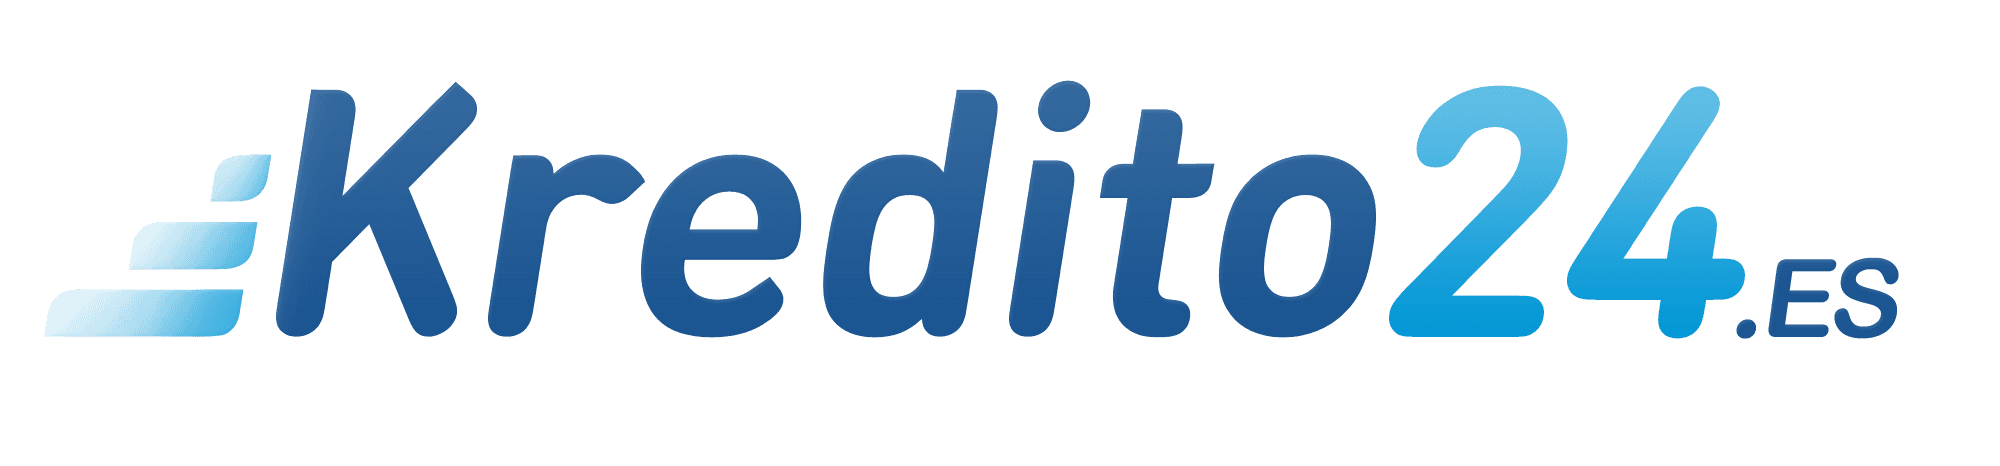 kredito24.es logo